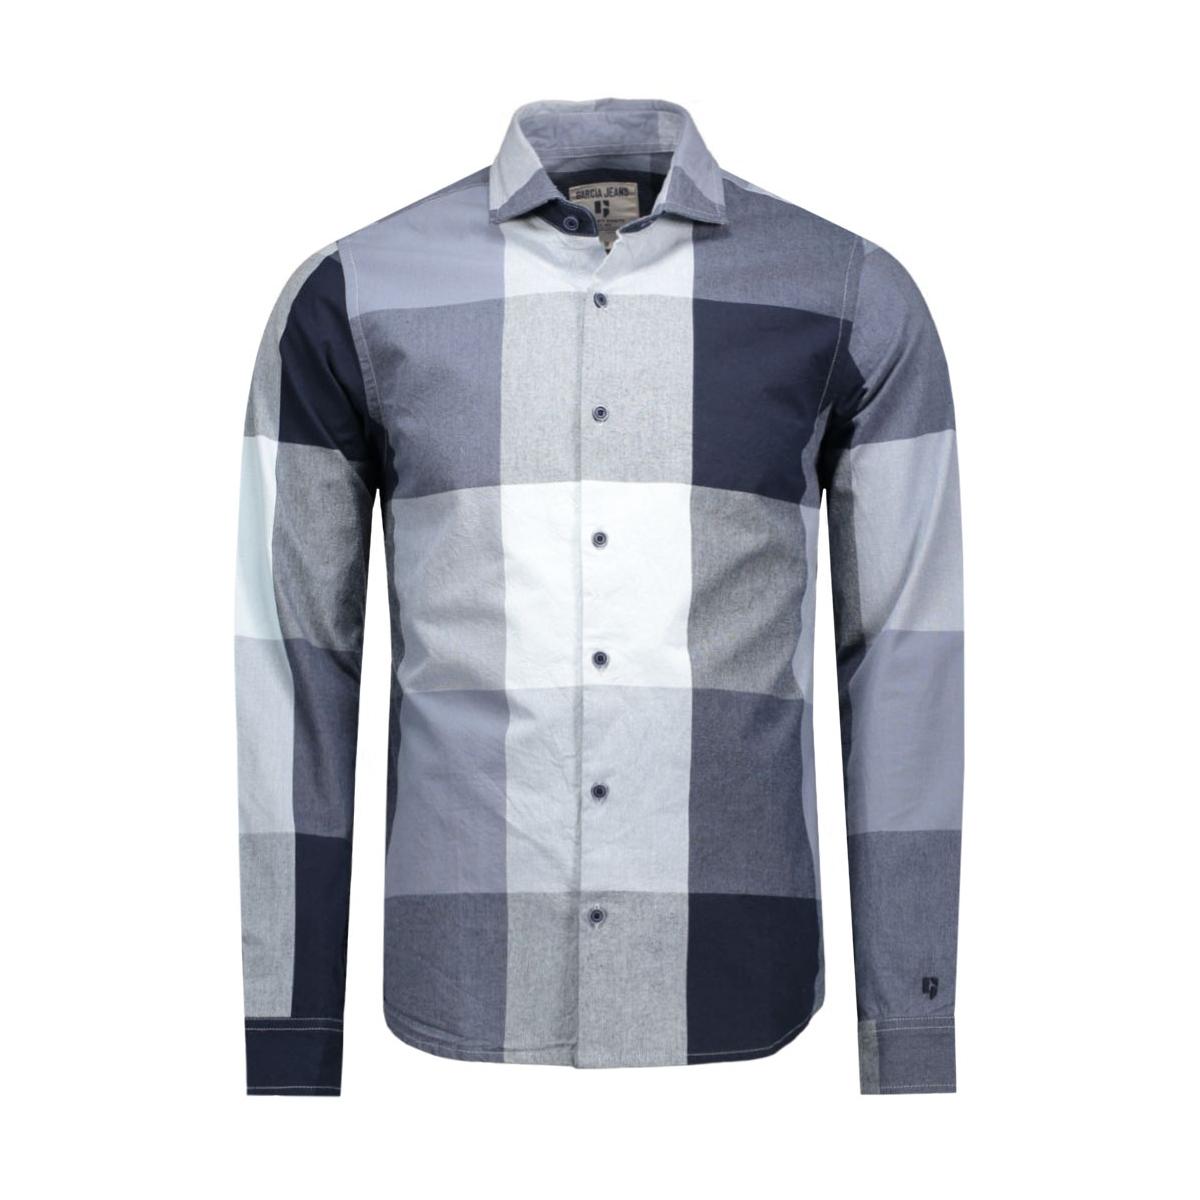 u61031 garcia overhemd 292